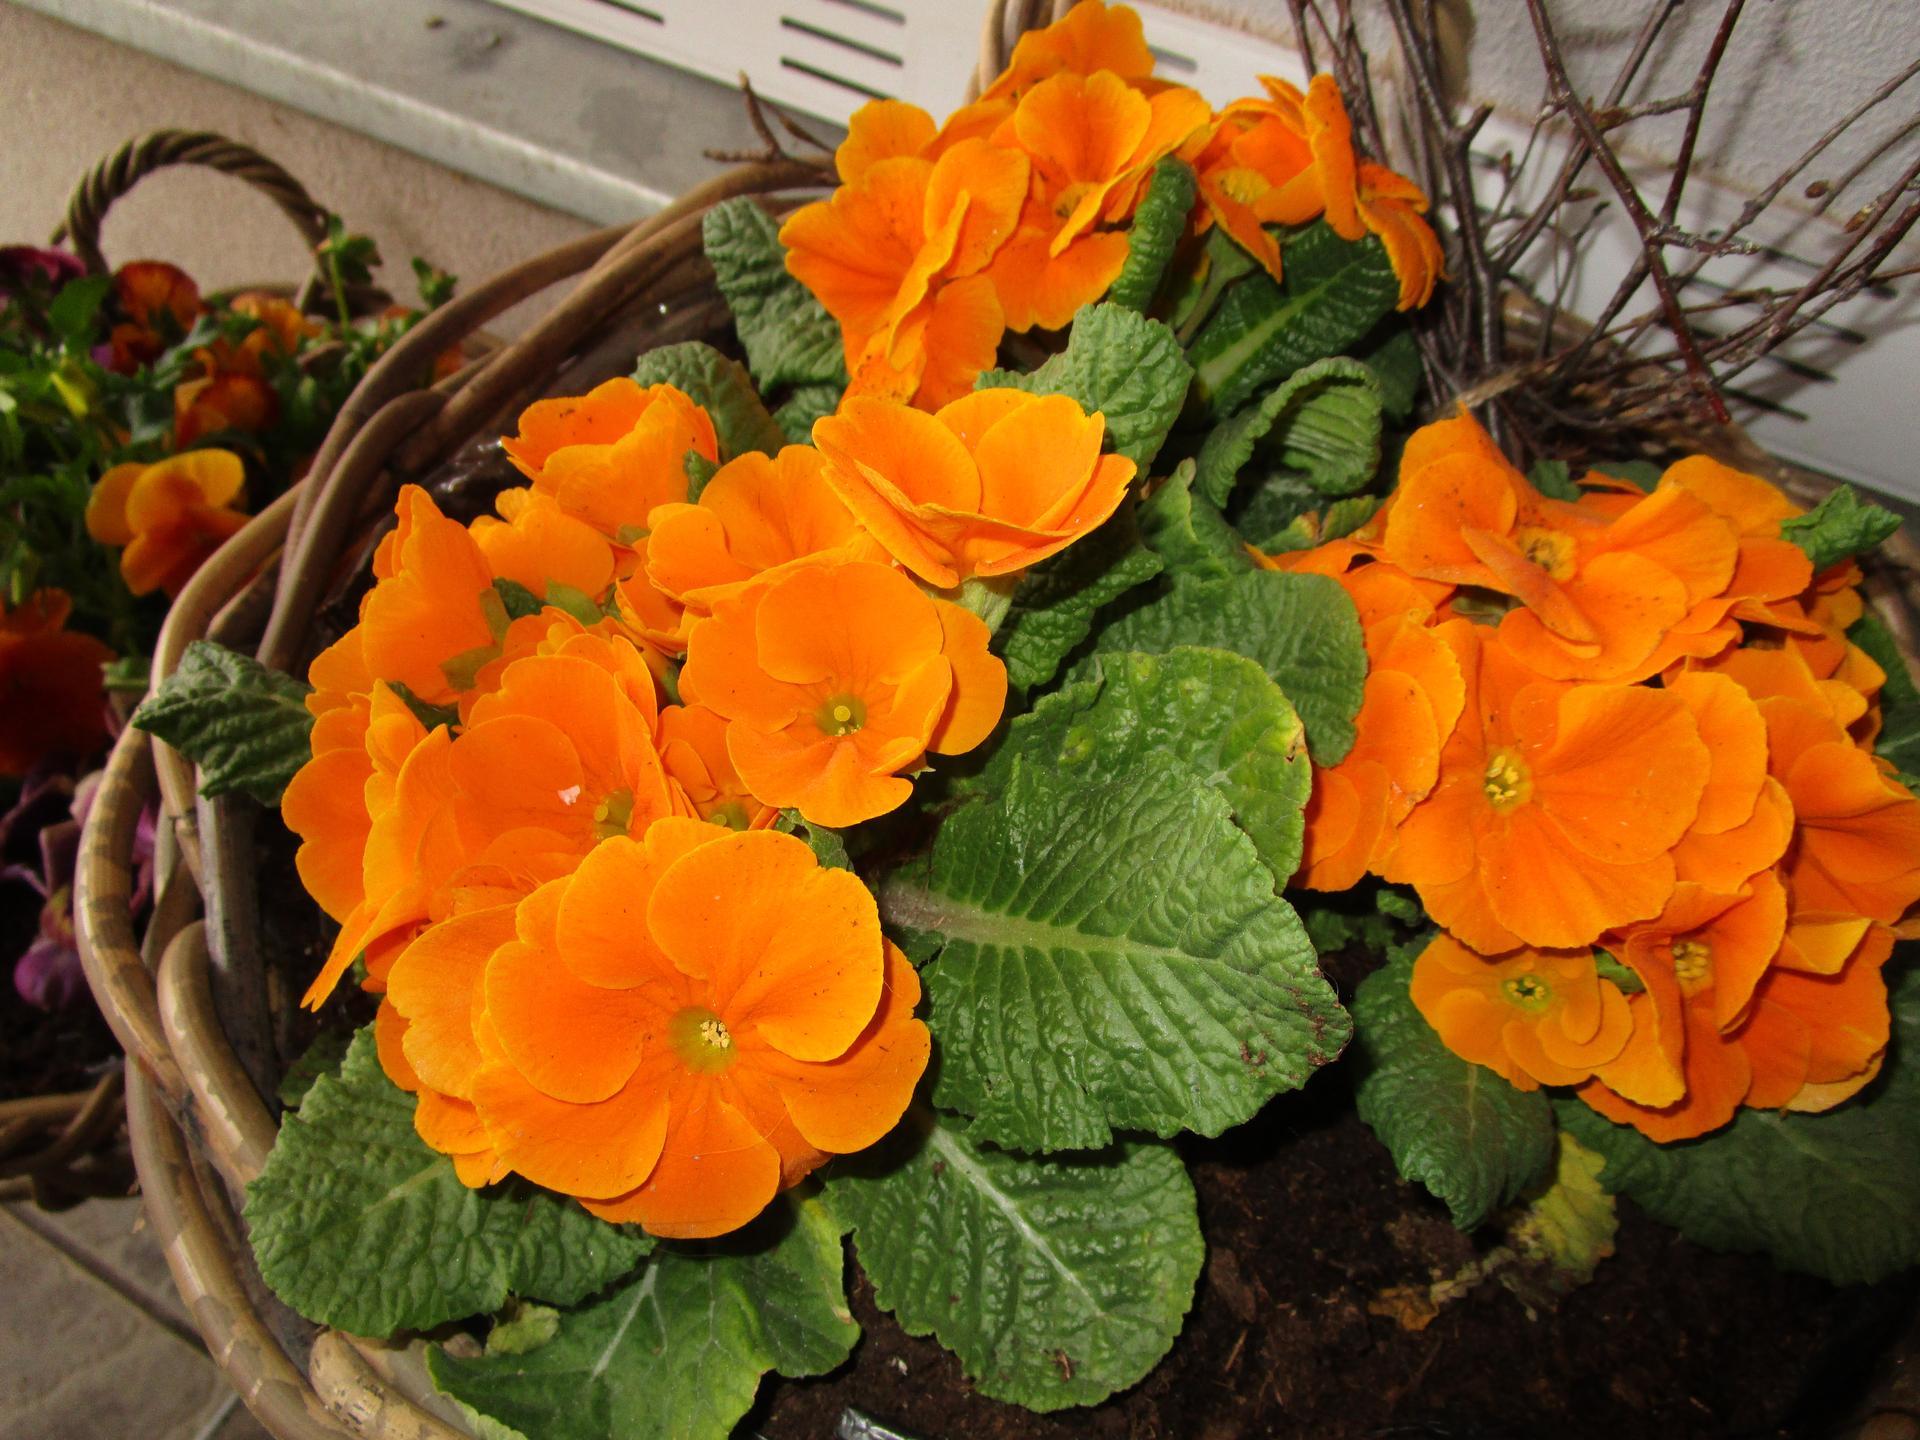 Vítáme jaro ... - Obrázek č. 1